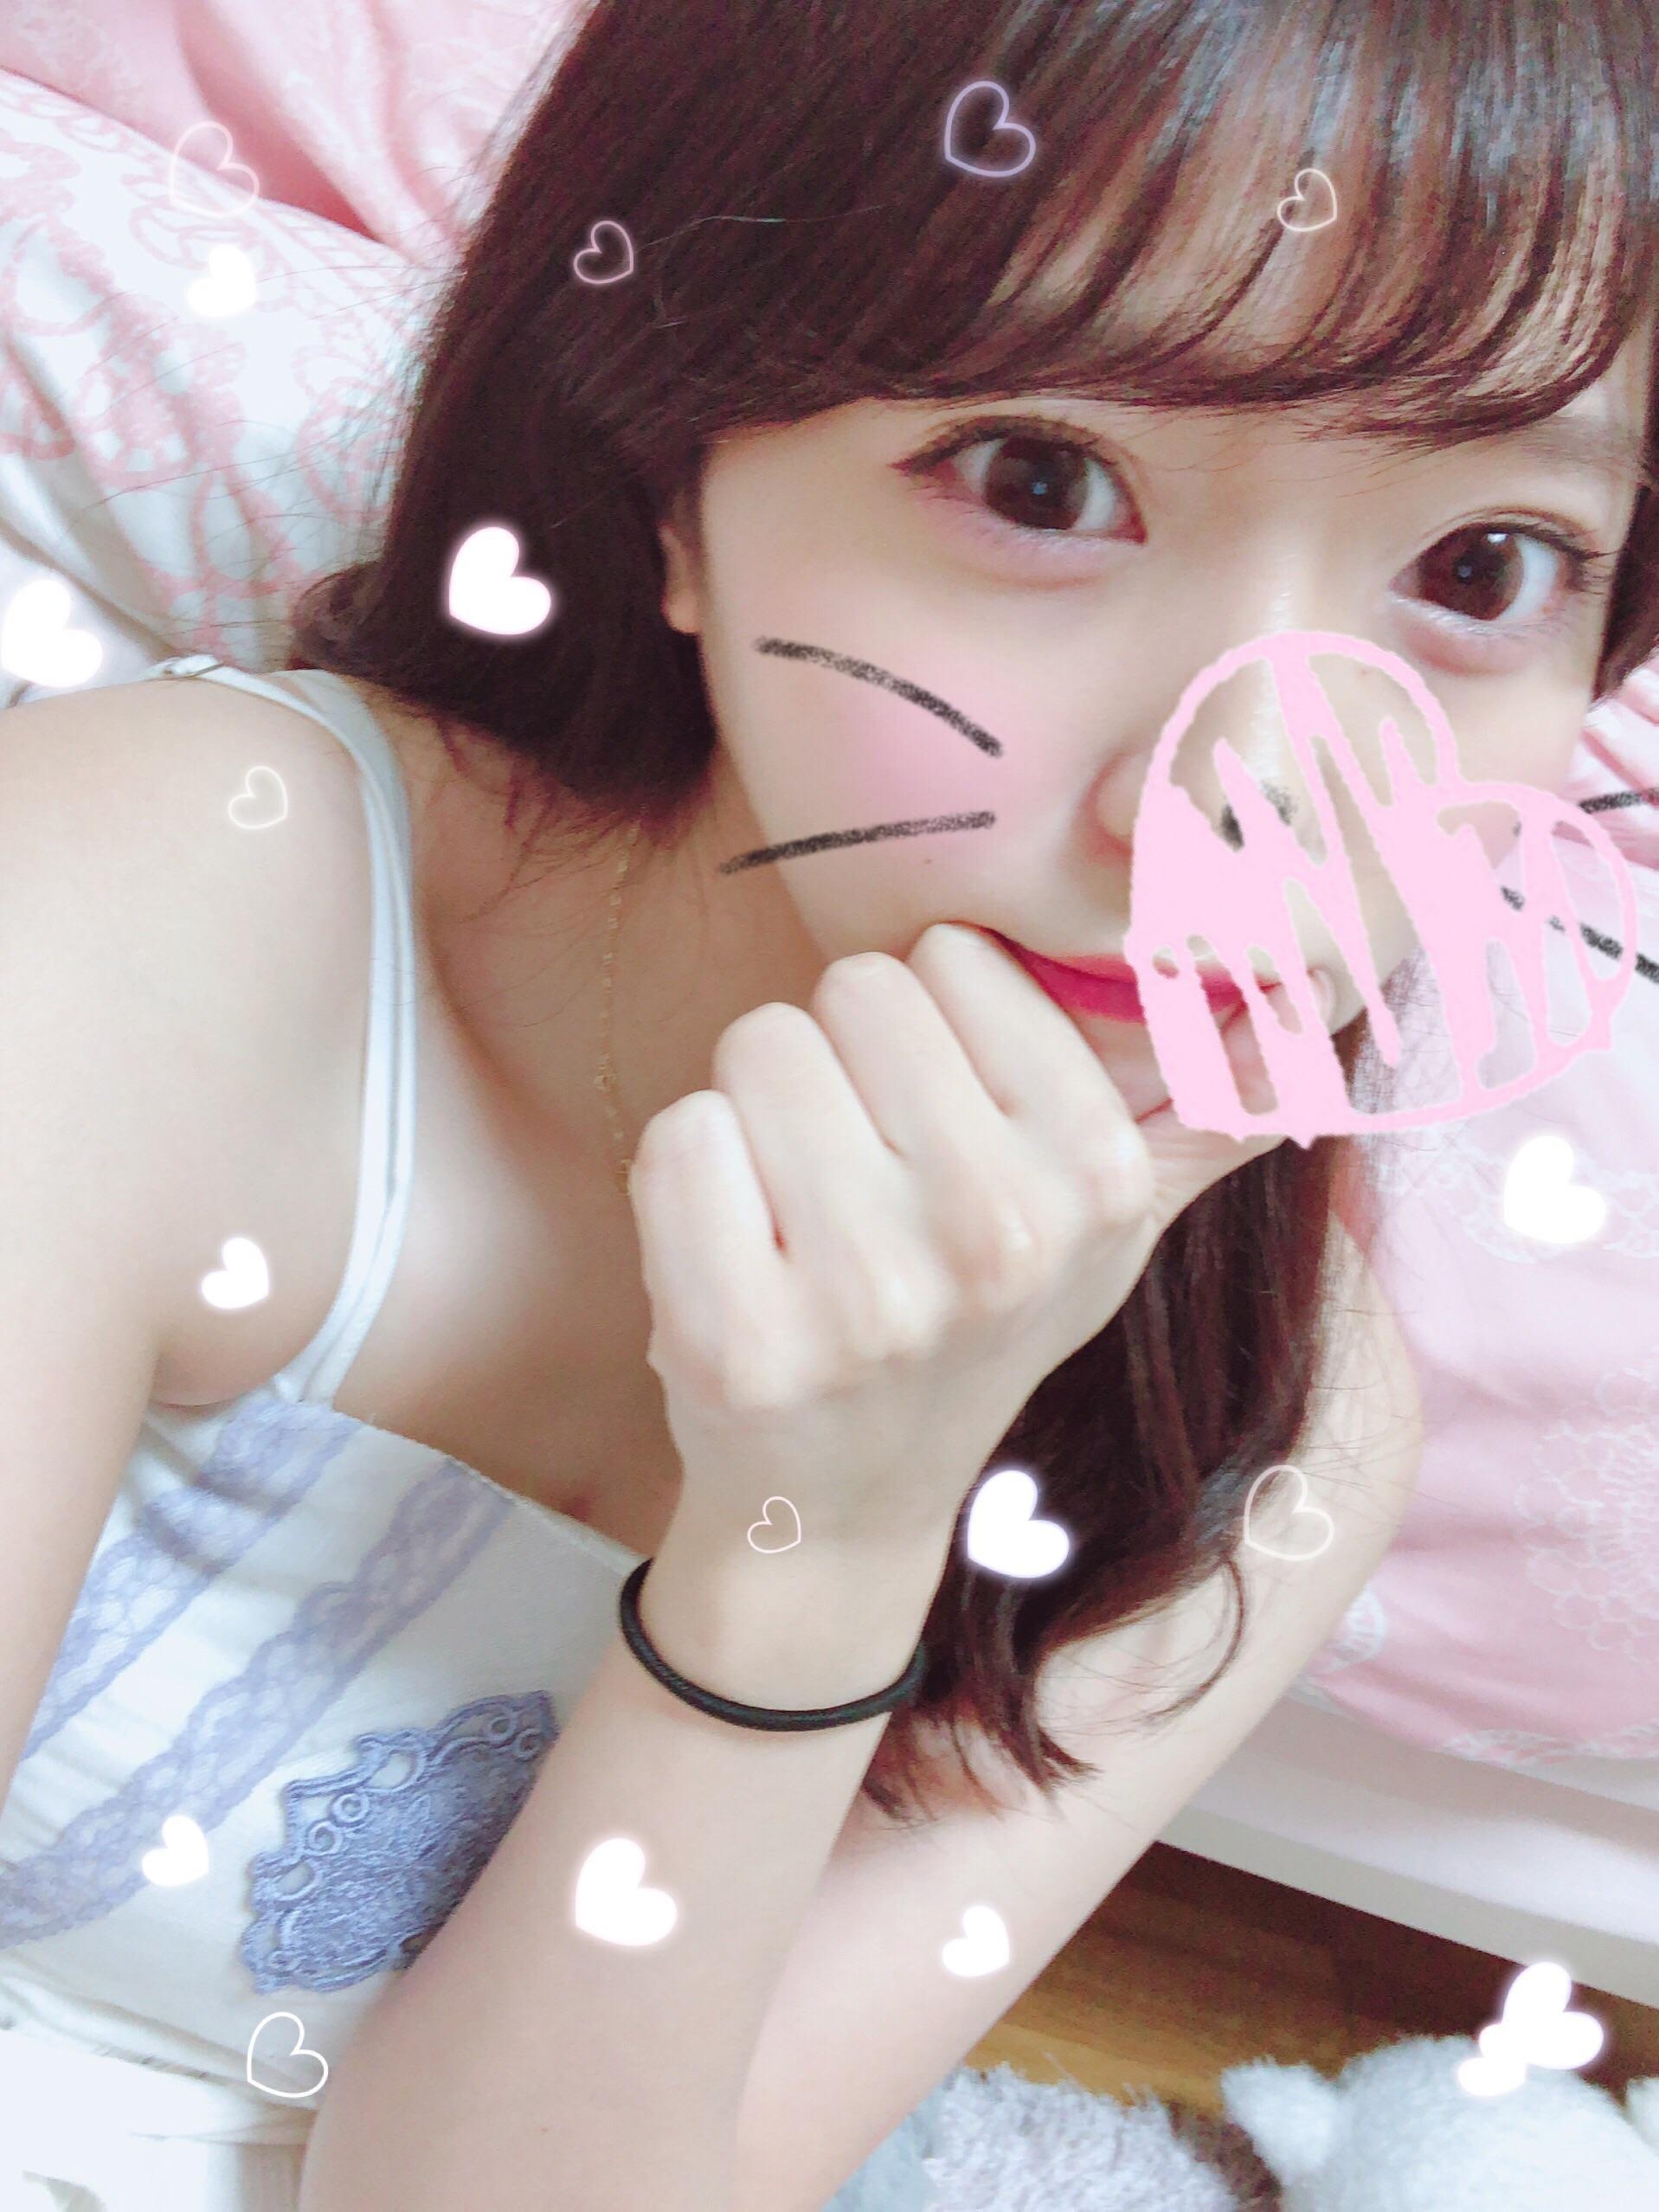 「♡ぬれぬれ♡」11/11(11/11) 22:44 | まいの写メ・風俗動画